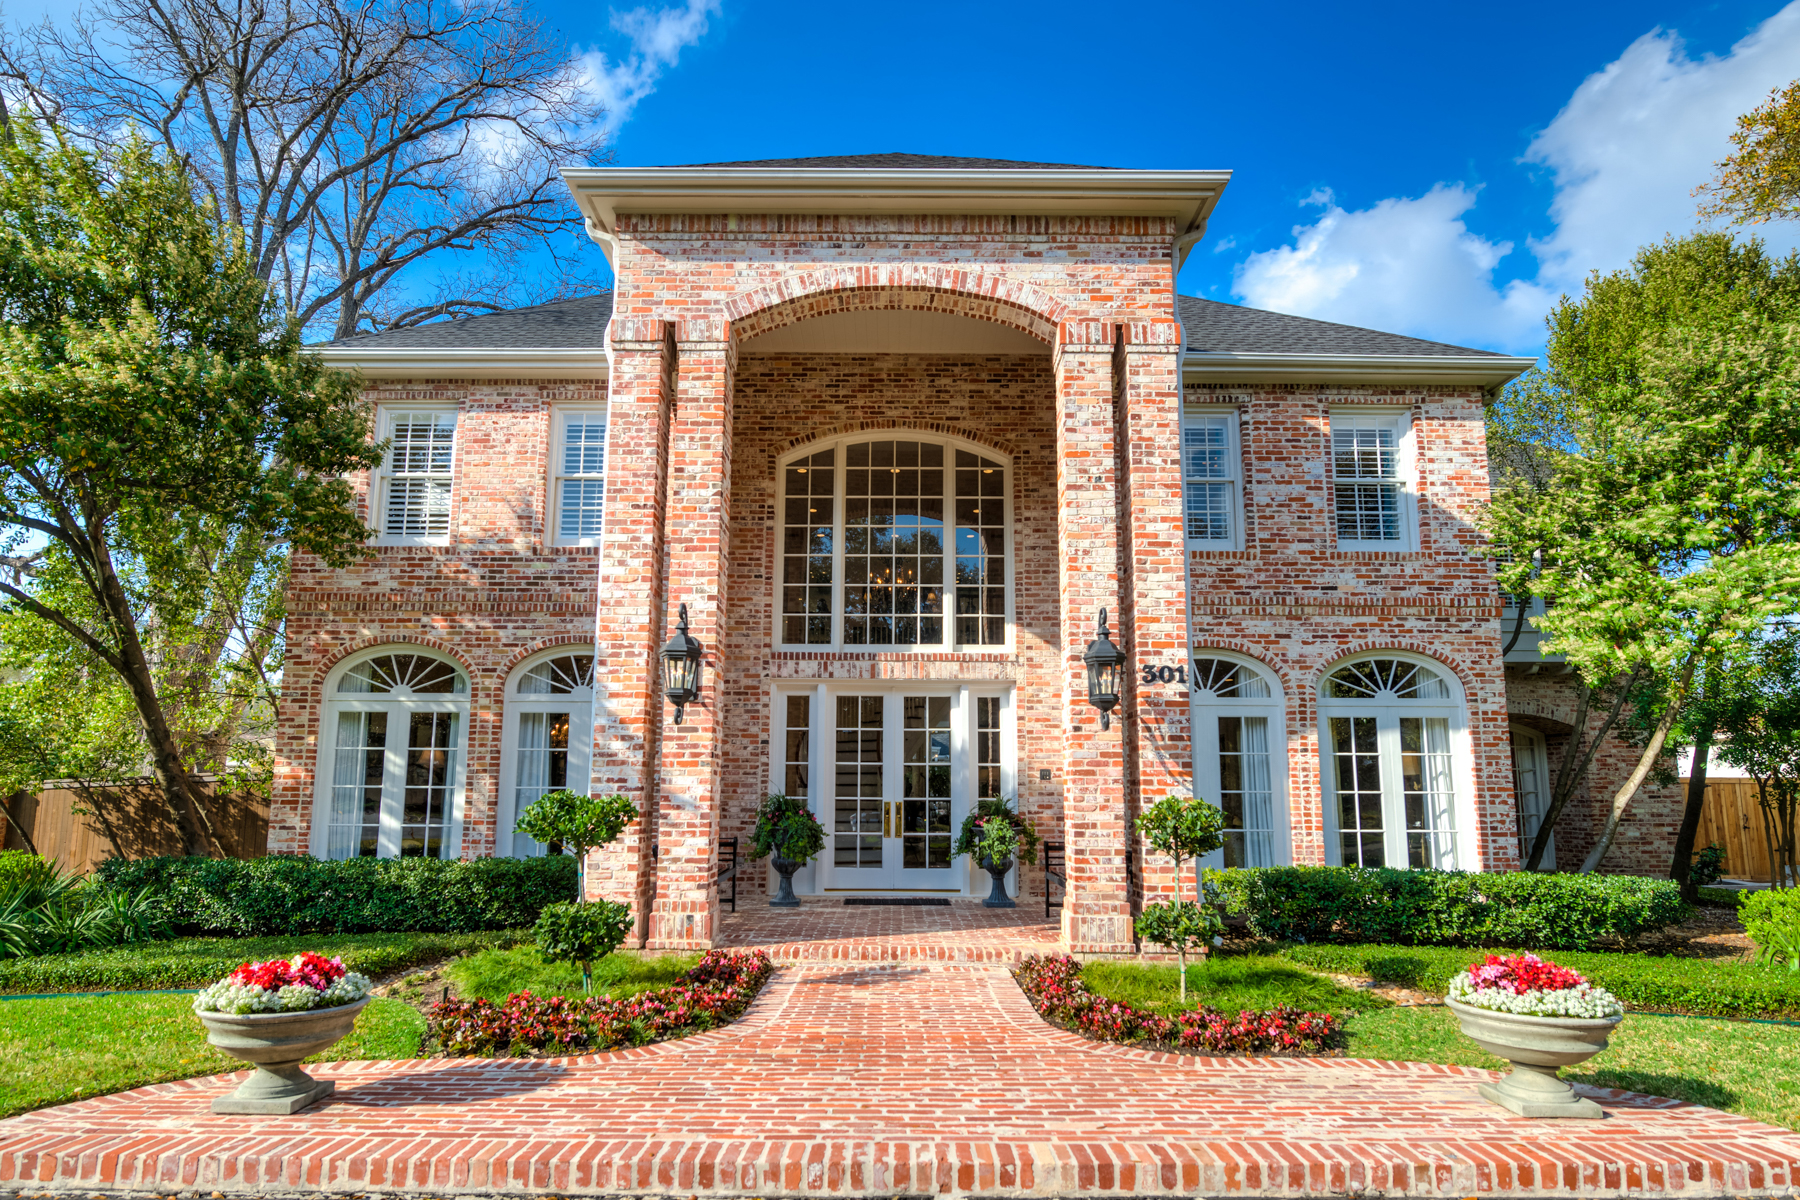 独户住宅 为 销售 在 Pristine Elegance & Grandeur in Terrell Hills 301 Geneseo Rd 圣安东尼奥, 得克萨斯州, 78209 美国